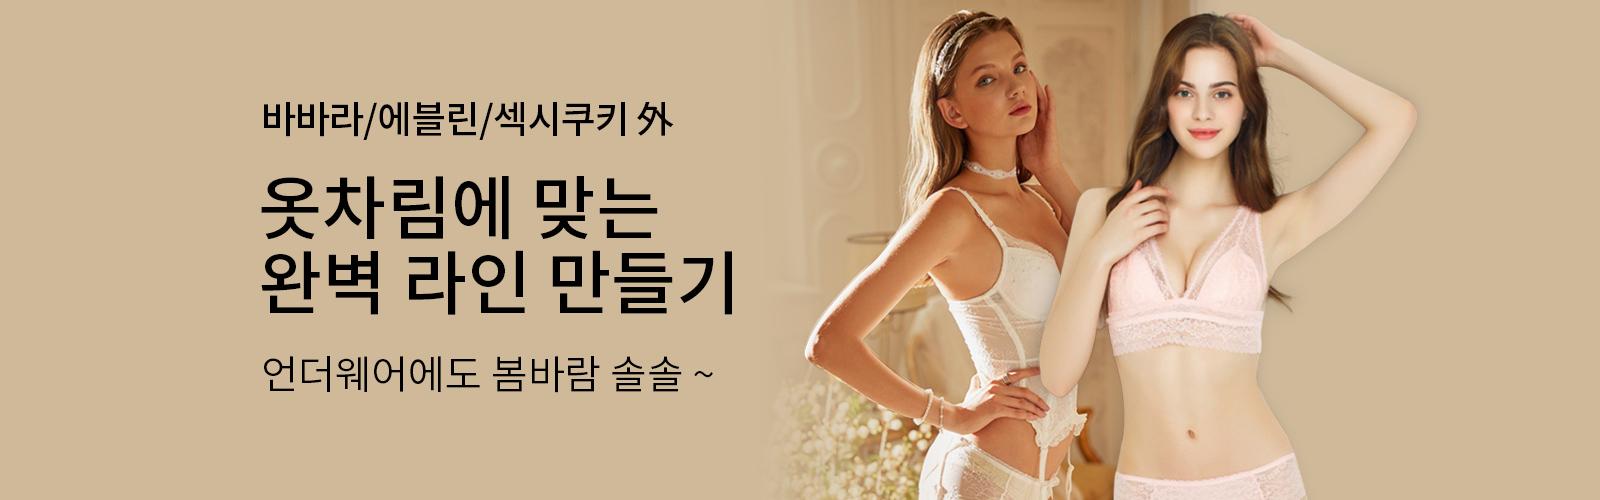 바바라 에블린 섹시쿠키 외 옷차림에 맞는 완벽 라인 만들기 언더웨어에도 봄바람 솔솔